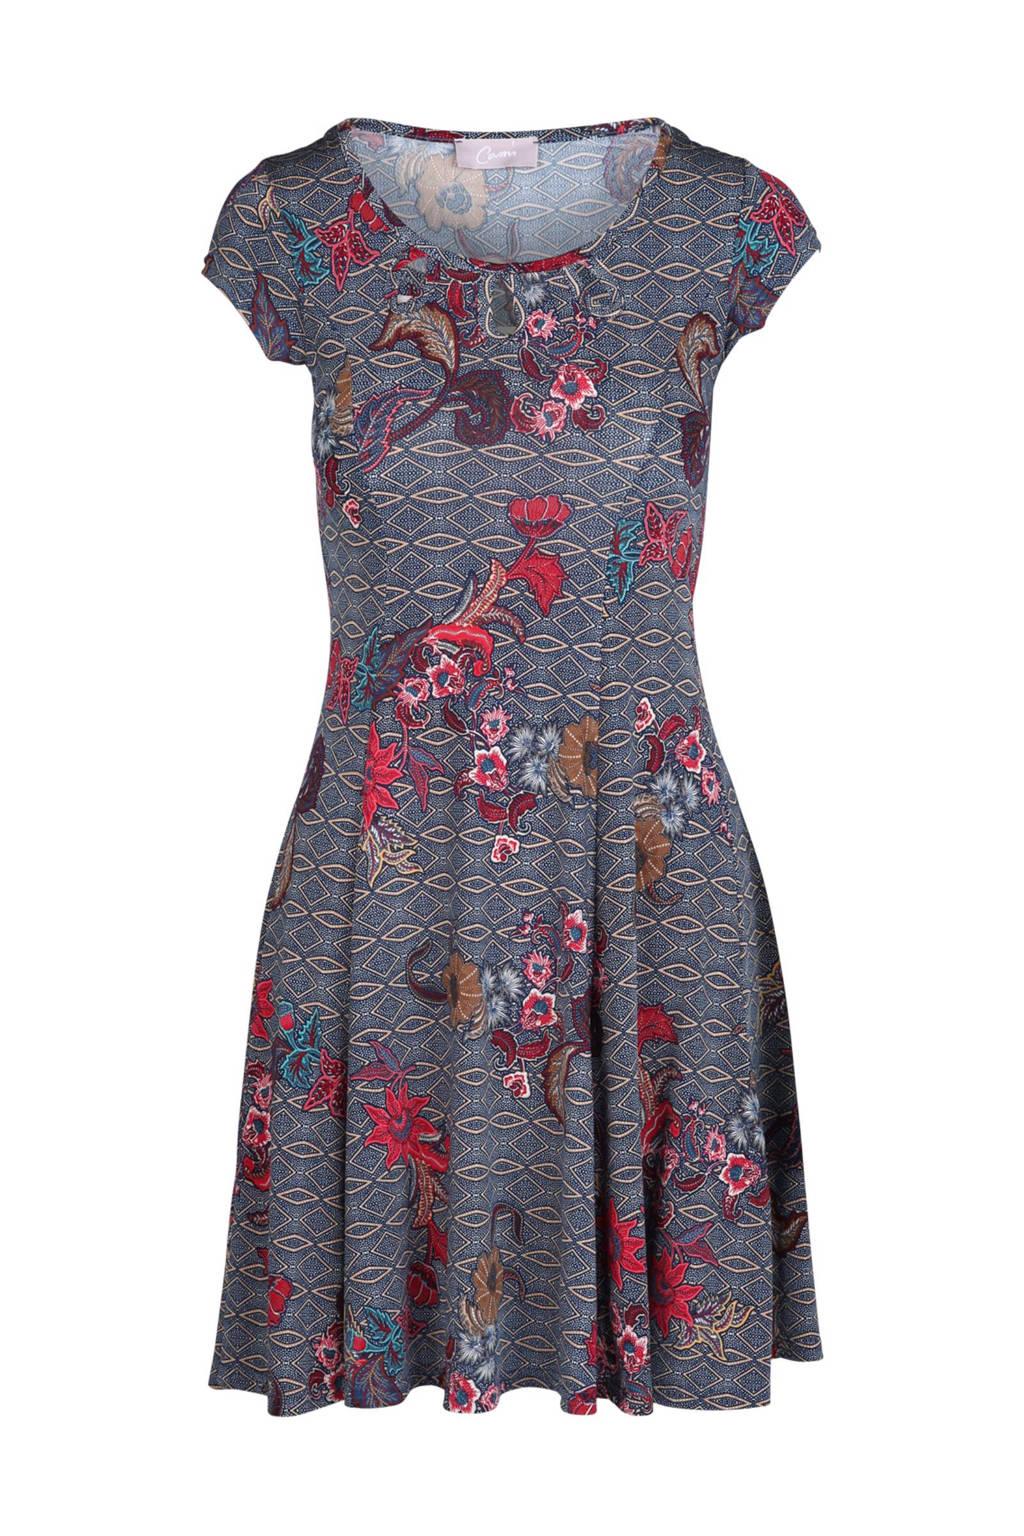 Cassis jurk, Marine blauw/rood/roze/lichtbruin